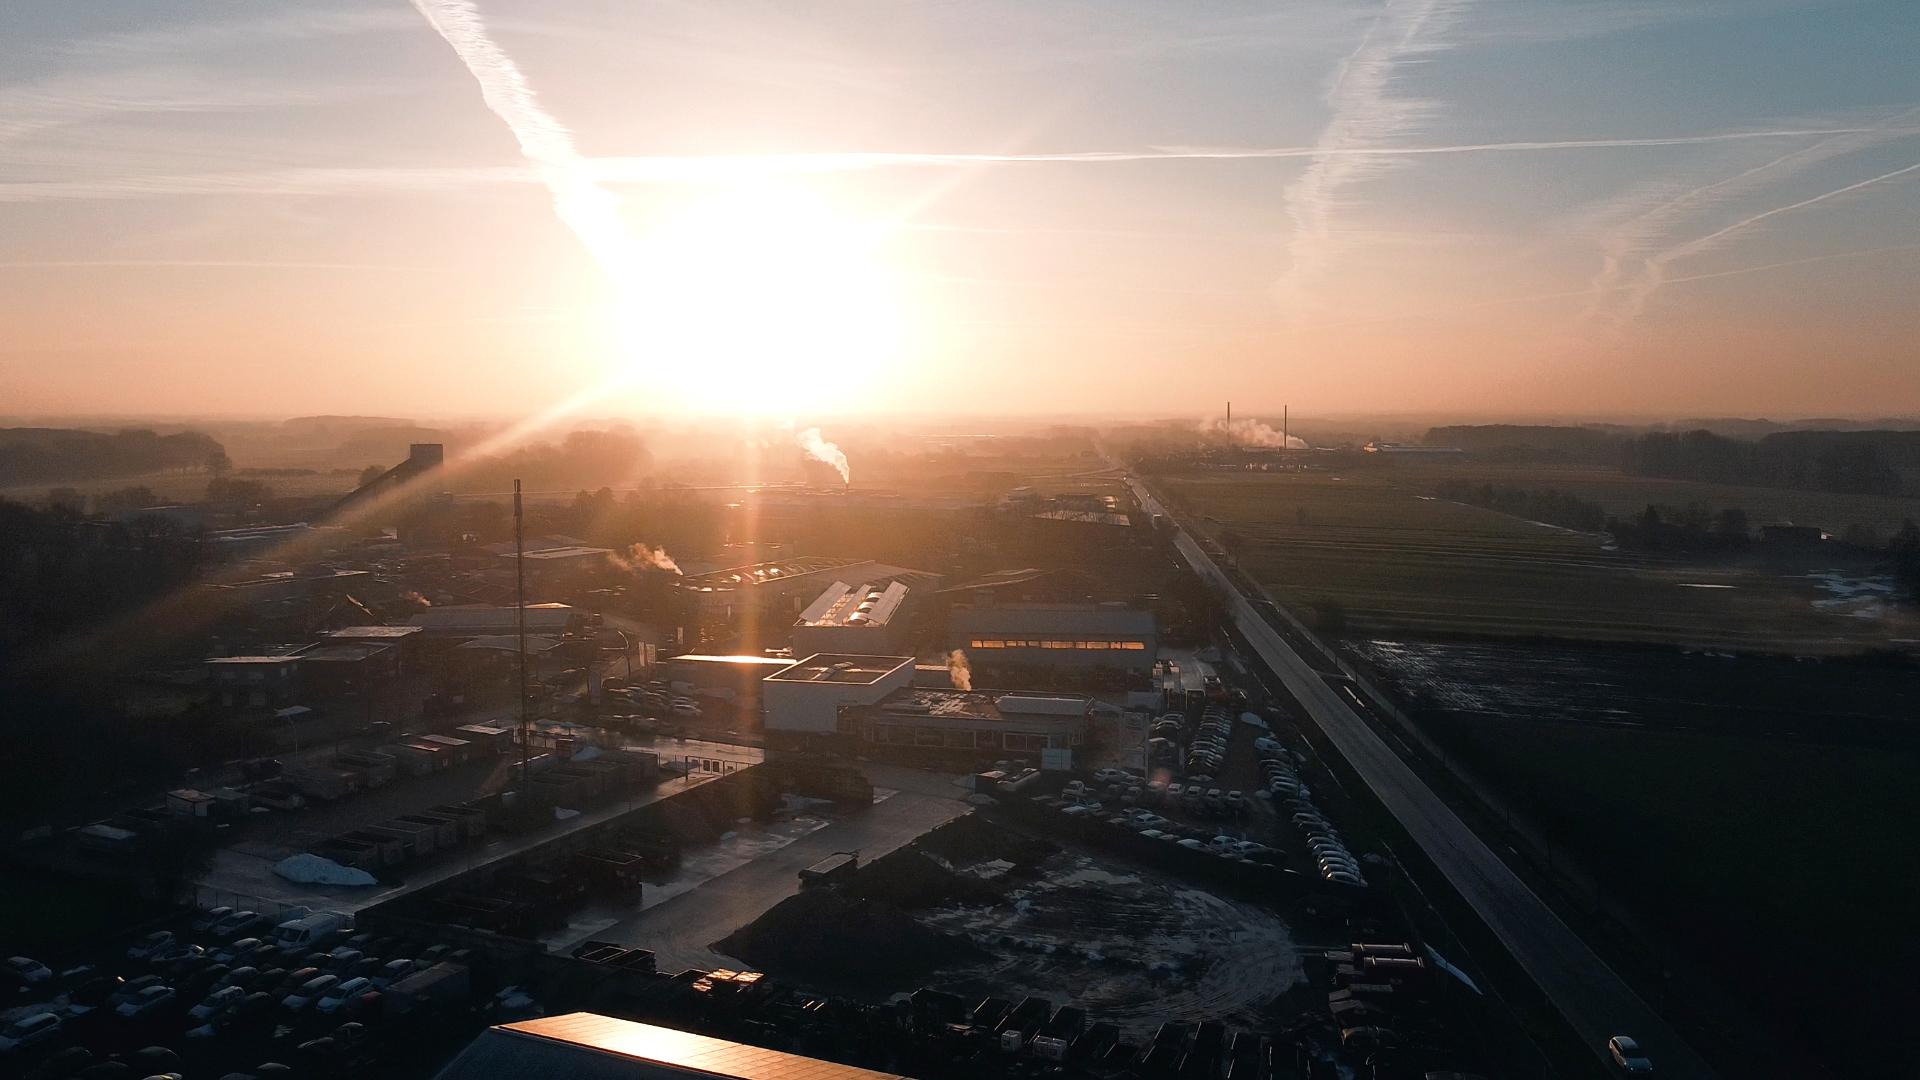 Drohnenaufnahmen - Nottuln - ZWEYLOEVEN Werbeproduktion GmbH